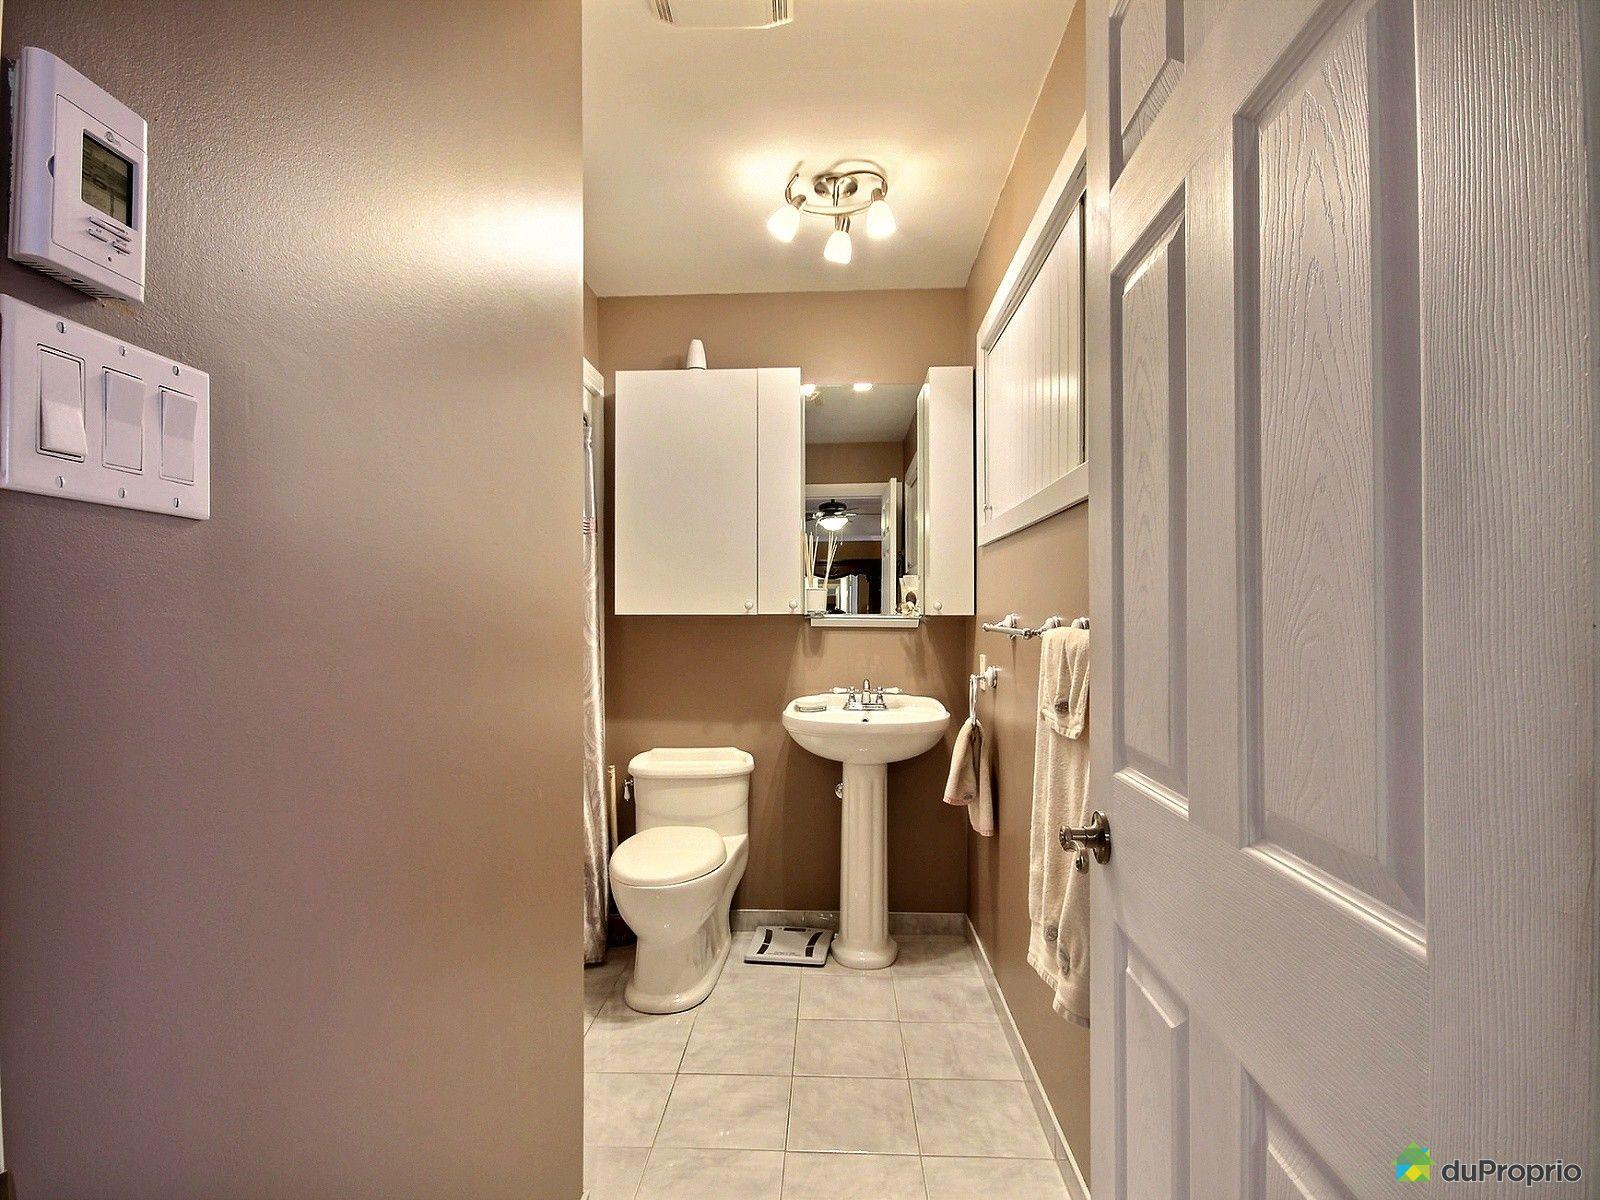 Maison vendre st tienne de beauharnois 9 rue madeleine for Salle de bain saint etienne